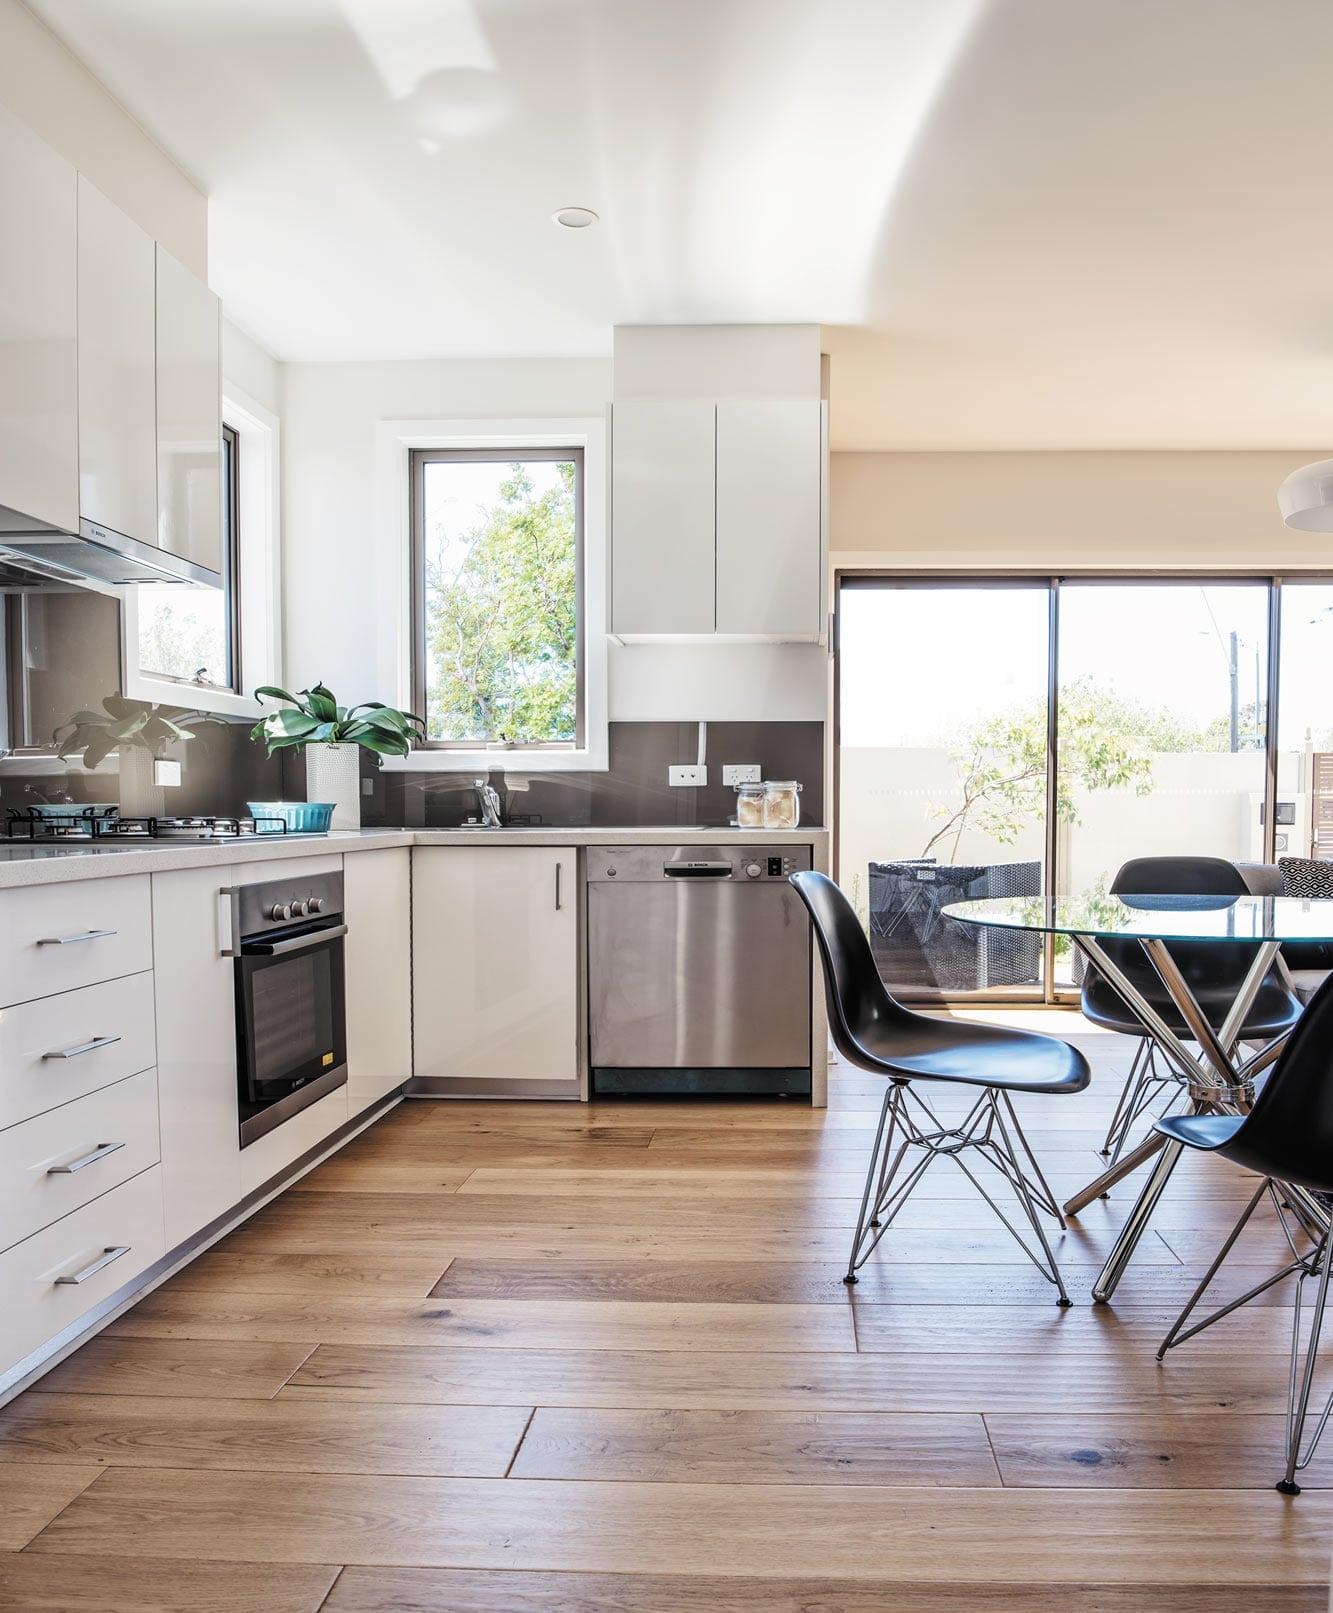 Dandenon Granny Flats Design | Garden Studios Melbourne